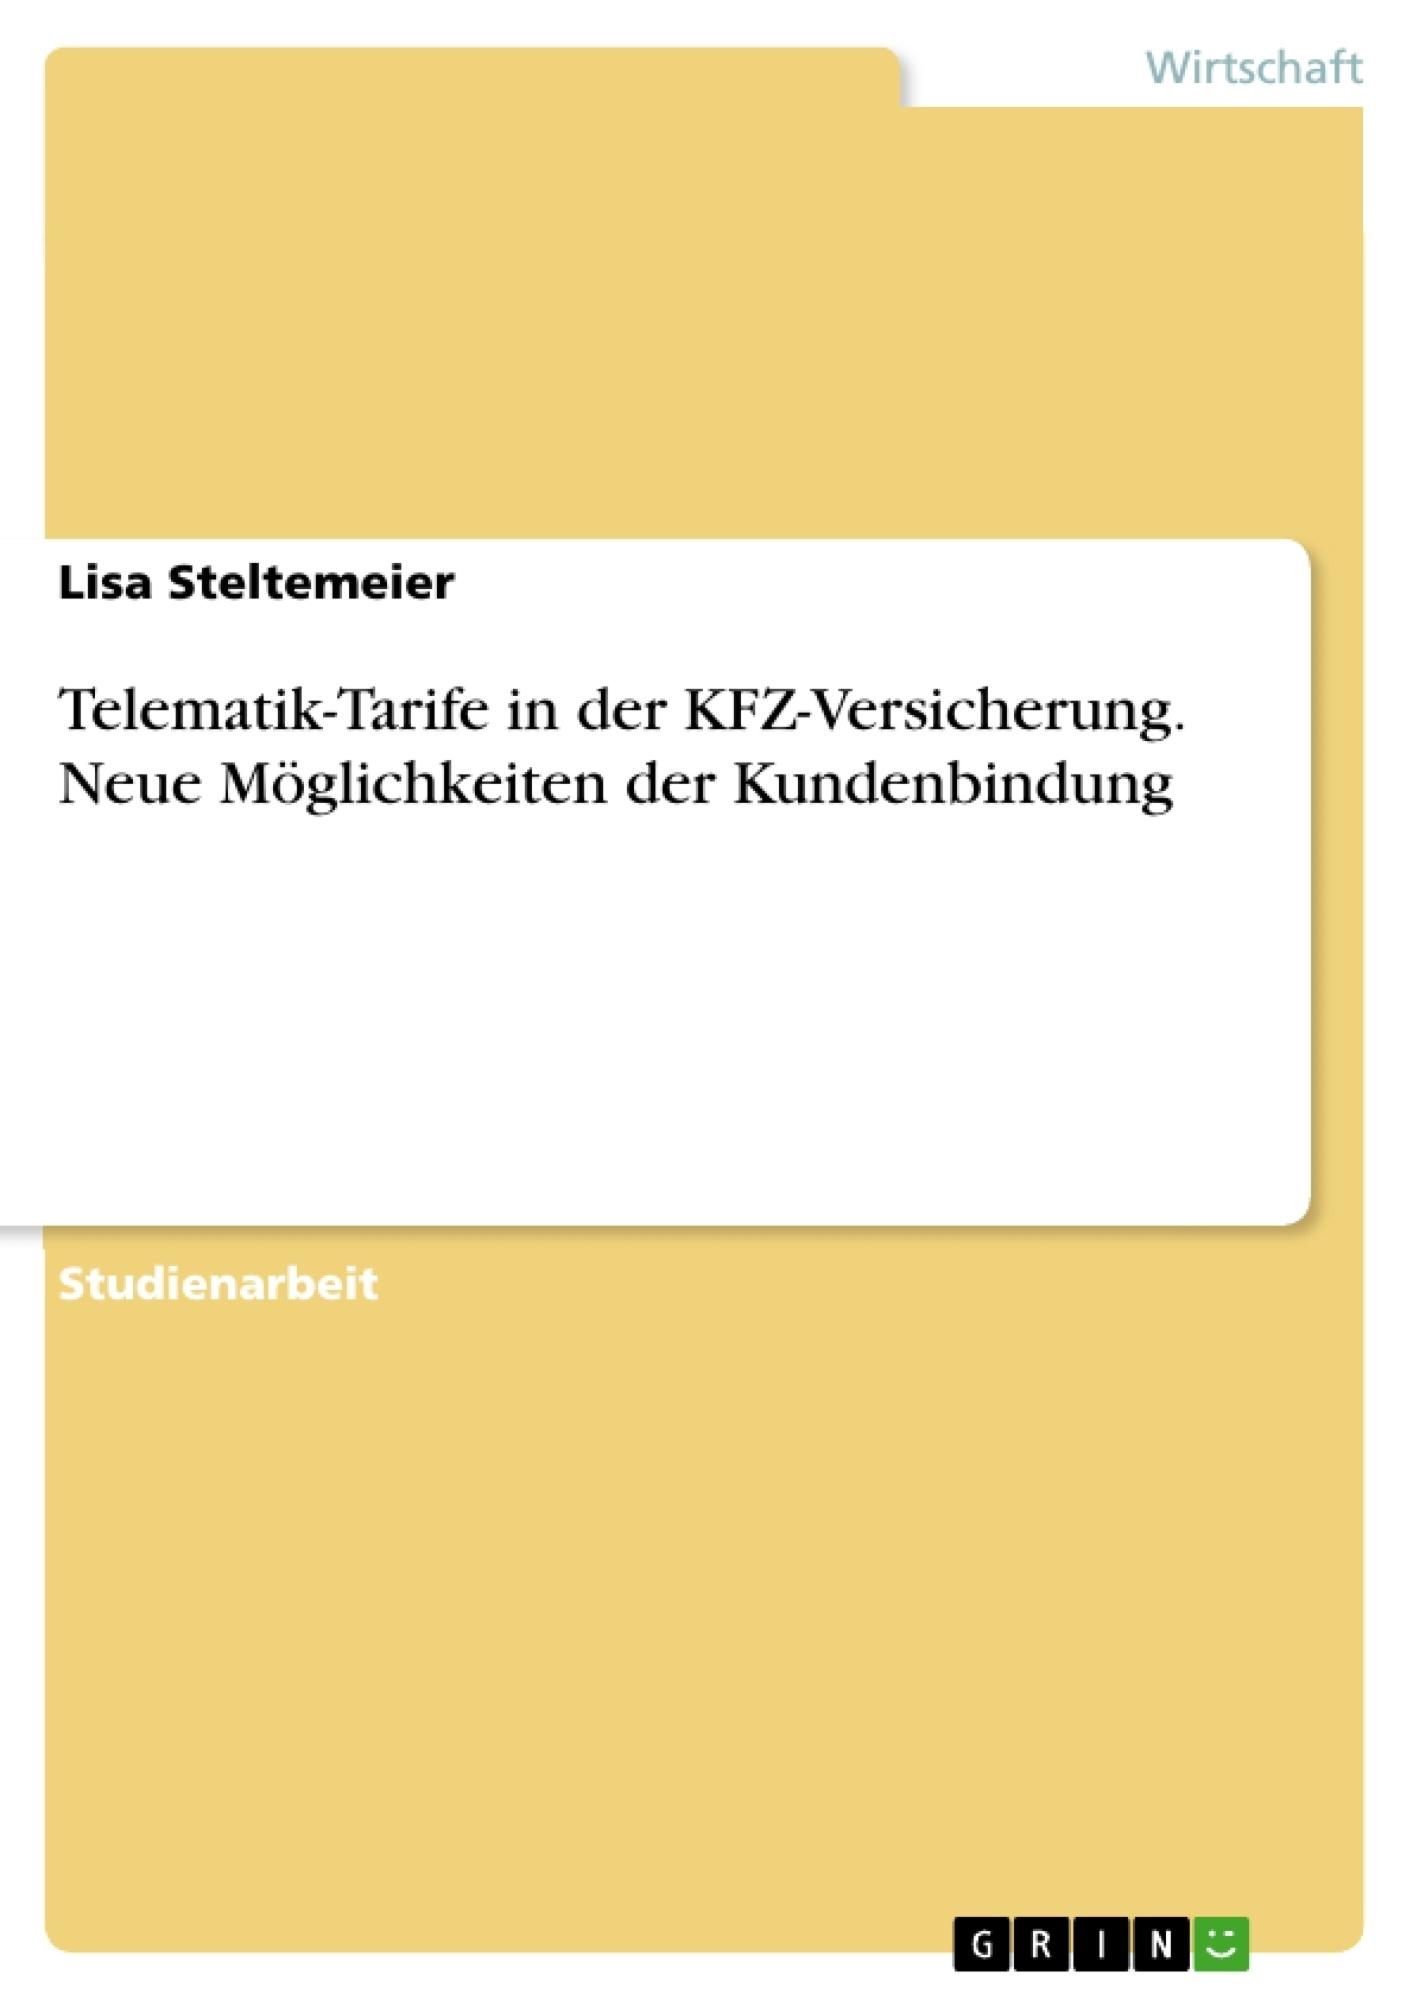 Titel: Telematik-Tarife in der KFZ-Versicherung. Neue Möglichkeiten der Kundenbindung